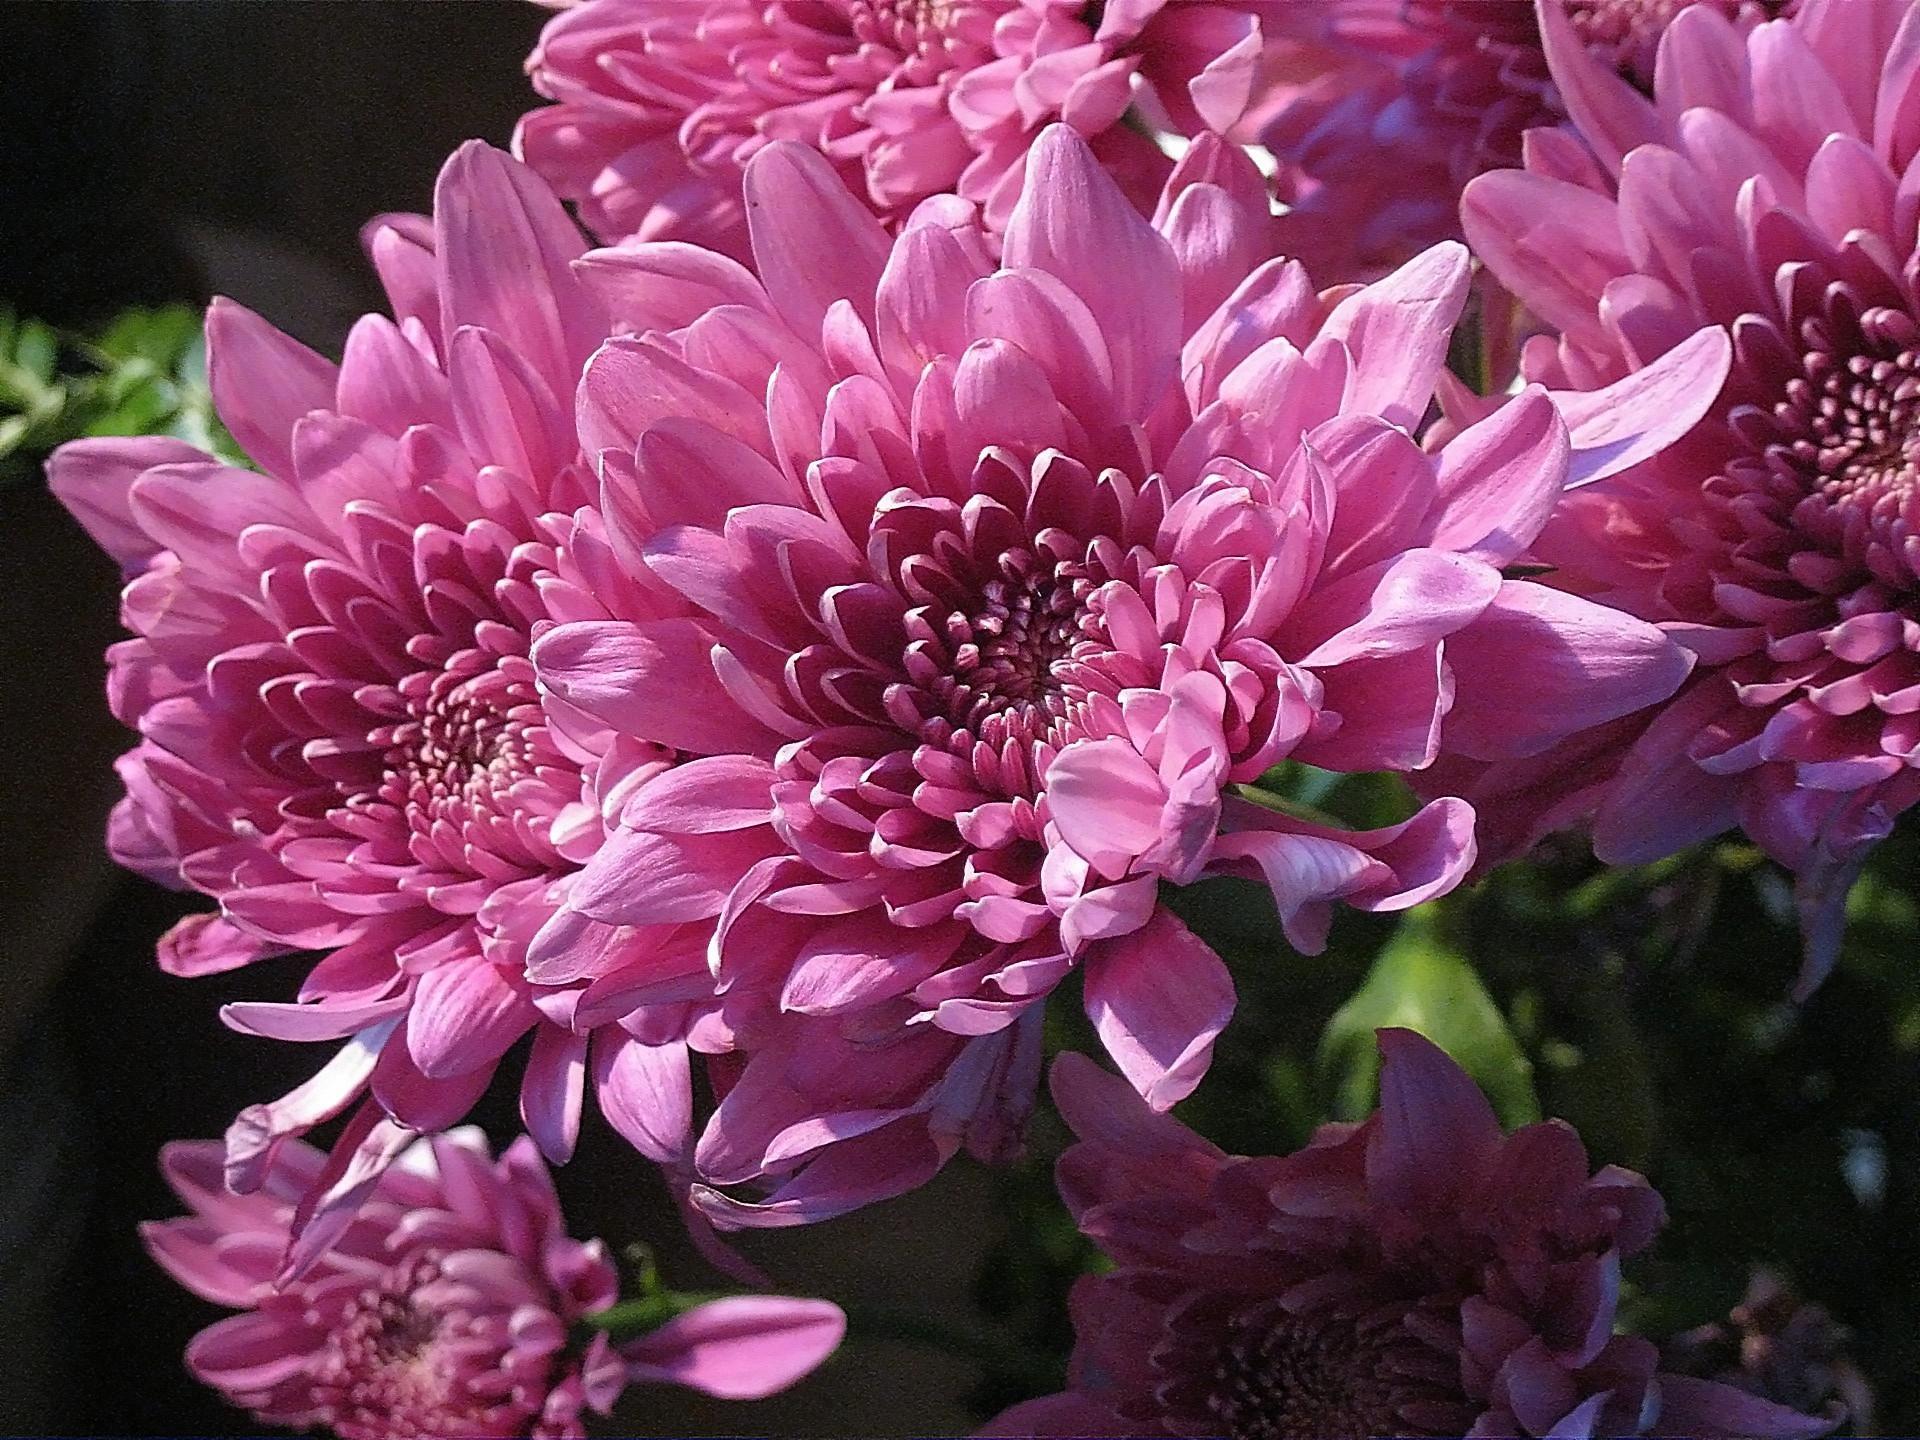 хризантема цветы  № 1353181 загрузить